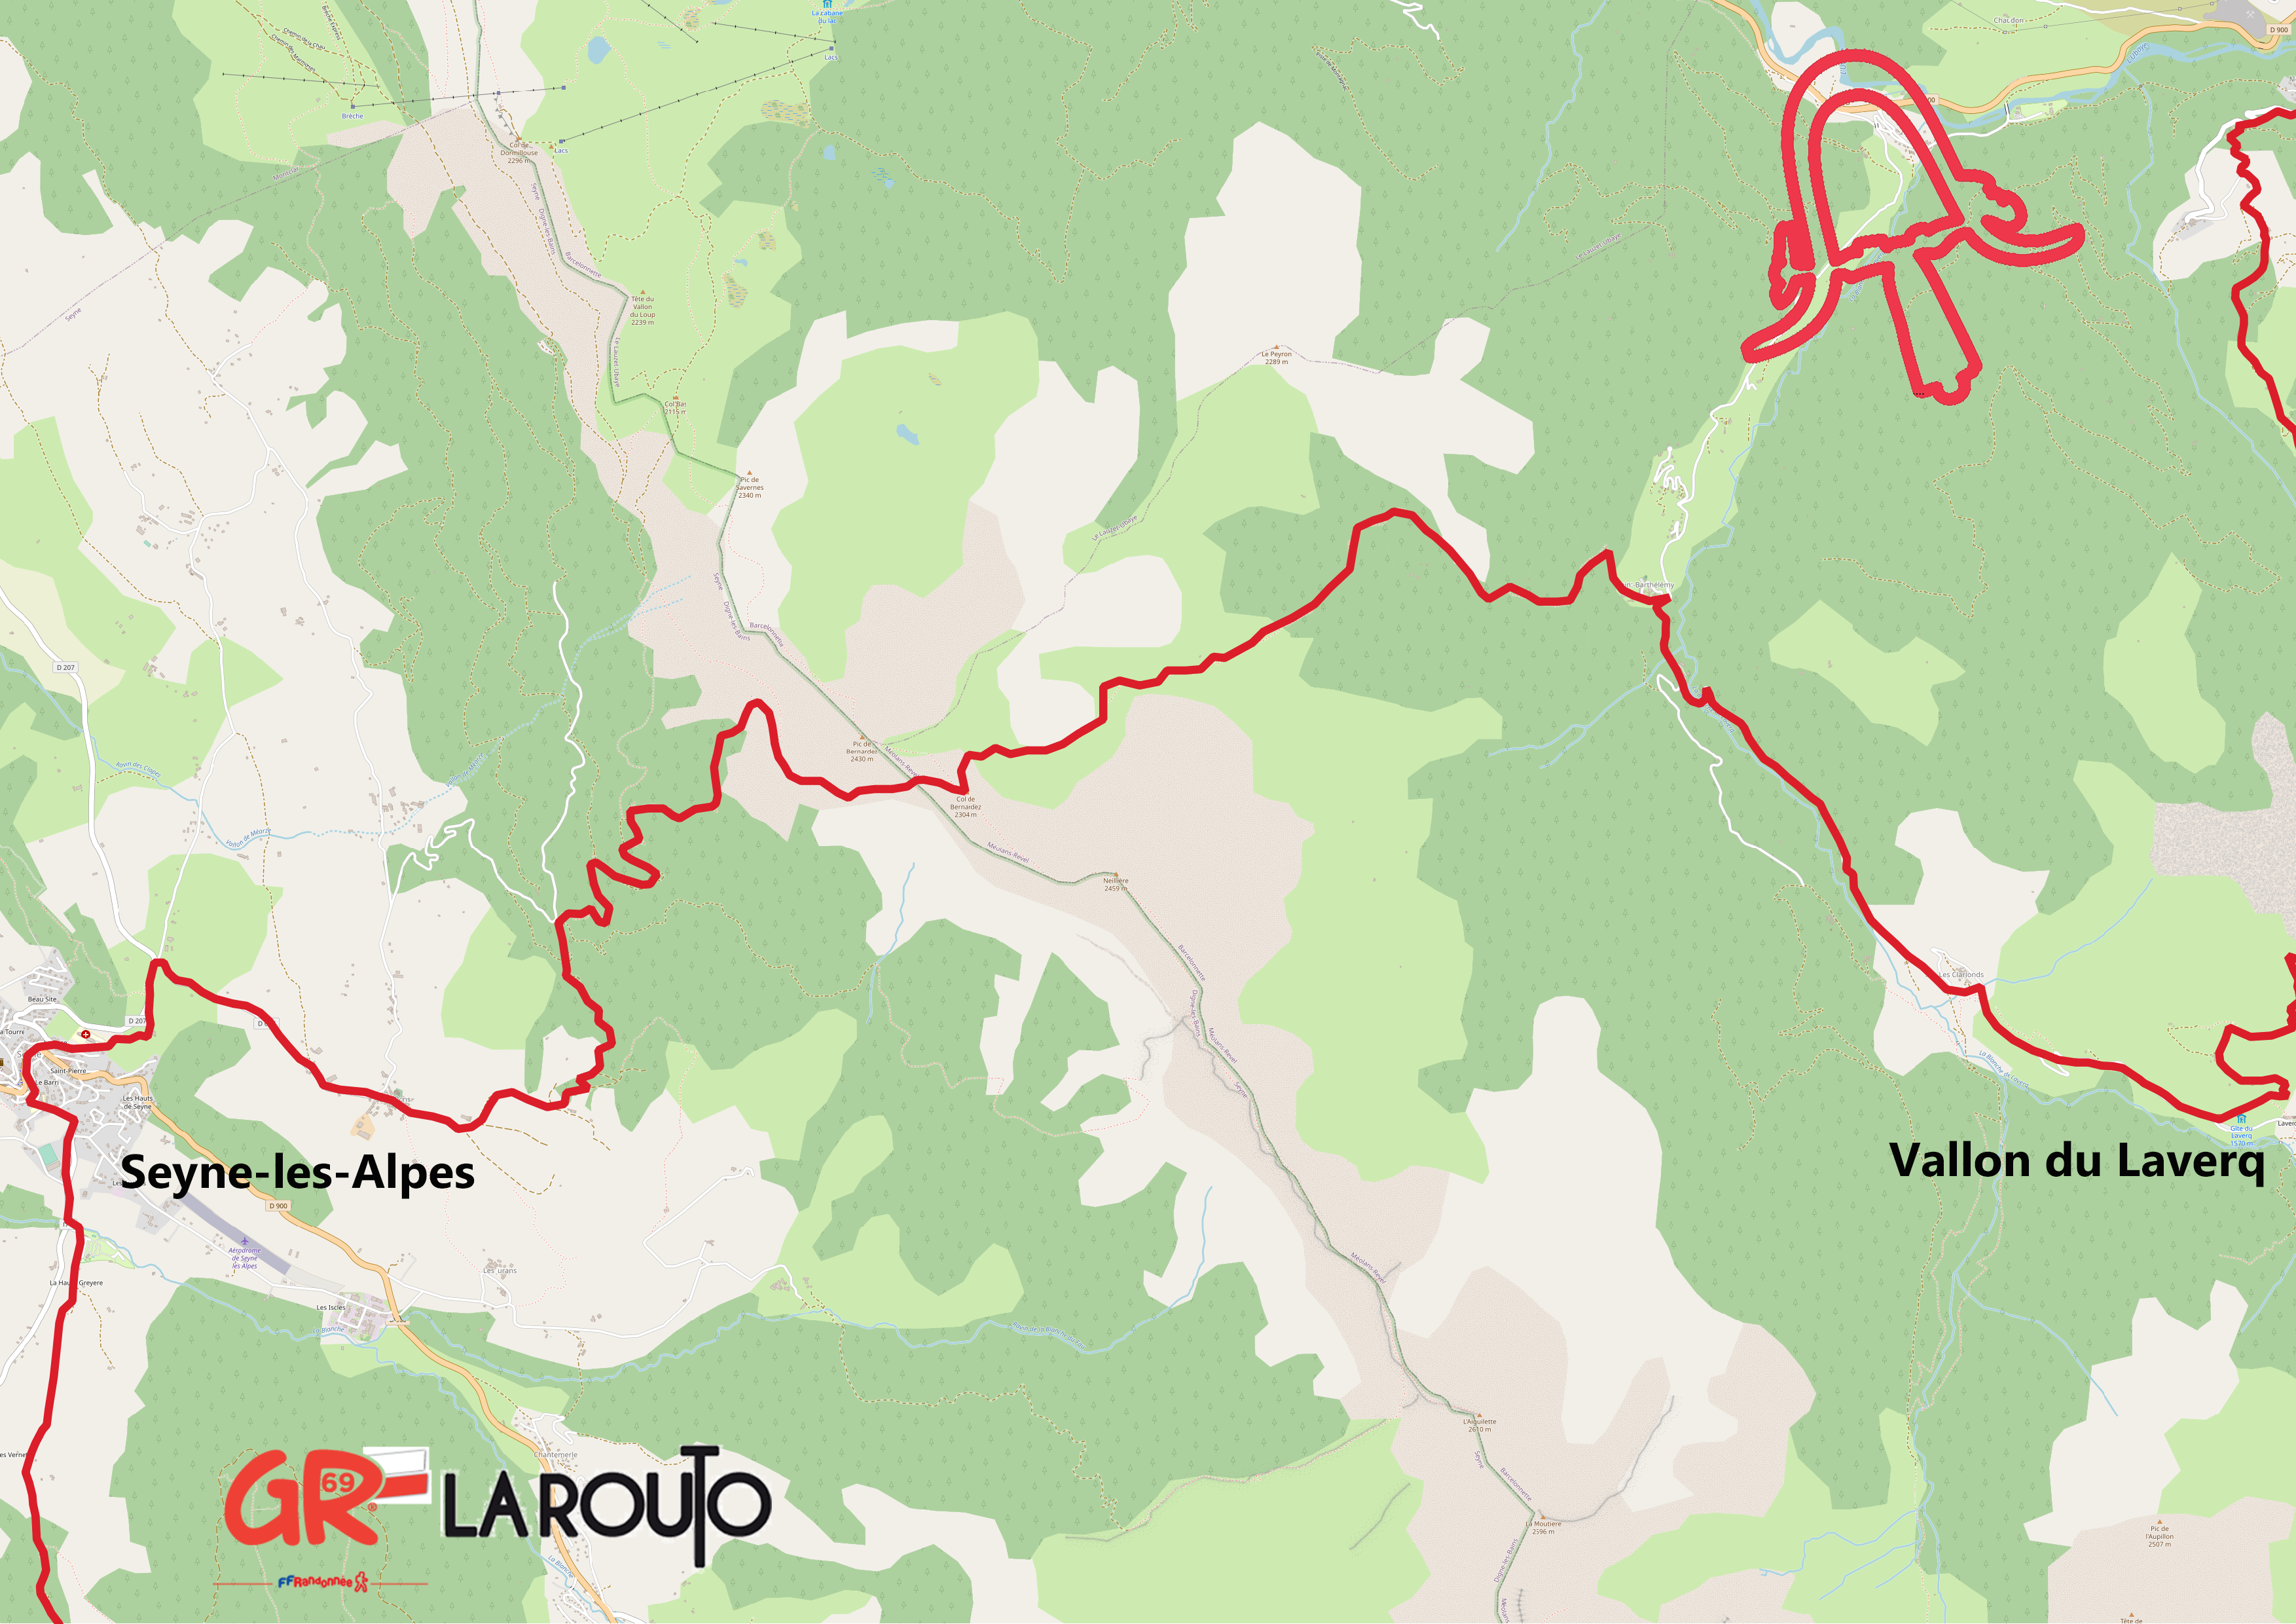 etape-19-seyne-les-alpes-vallon-du-laverq